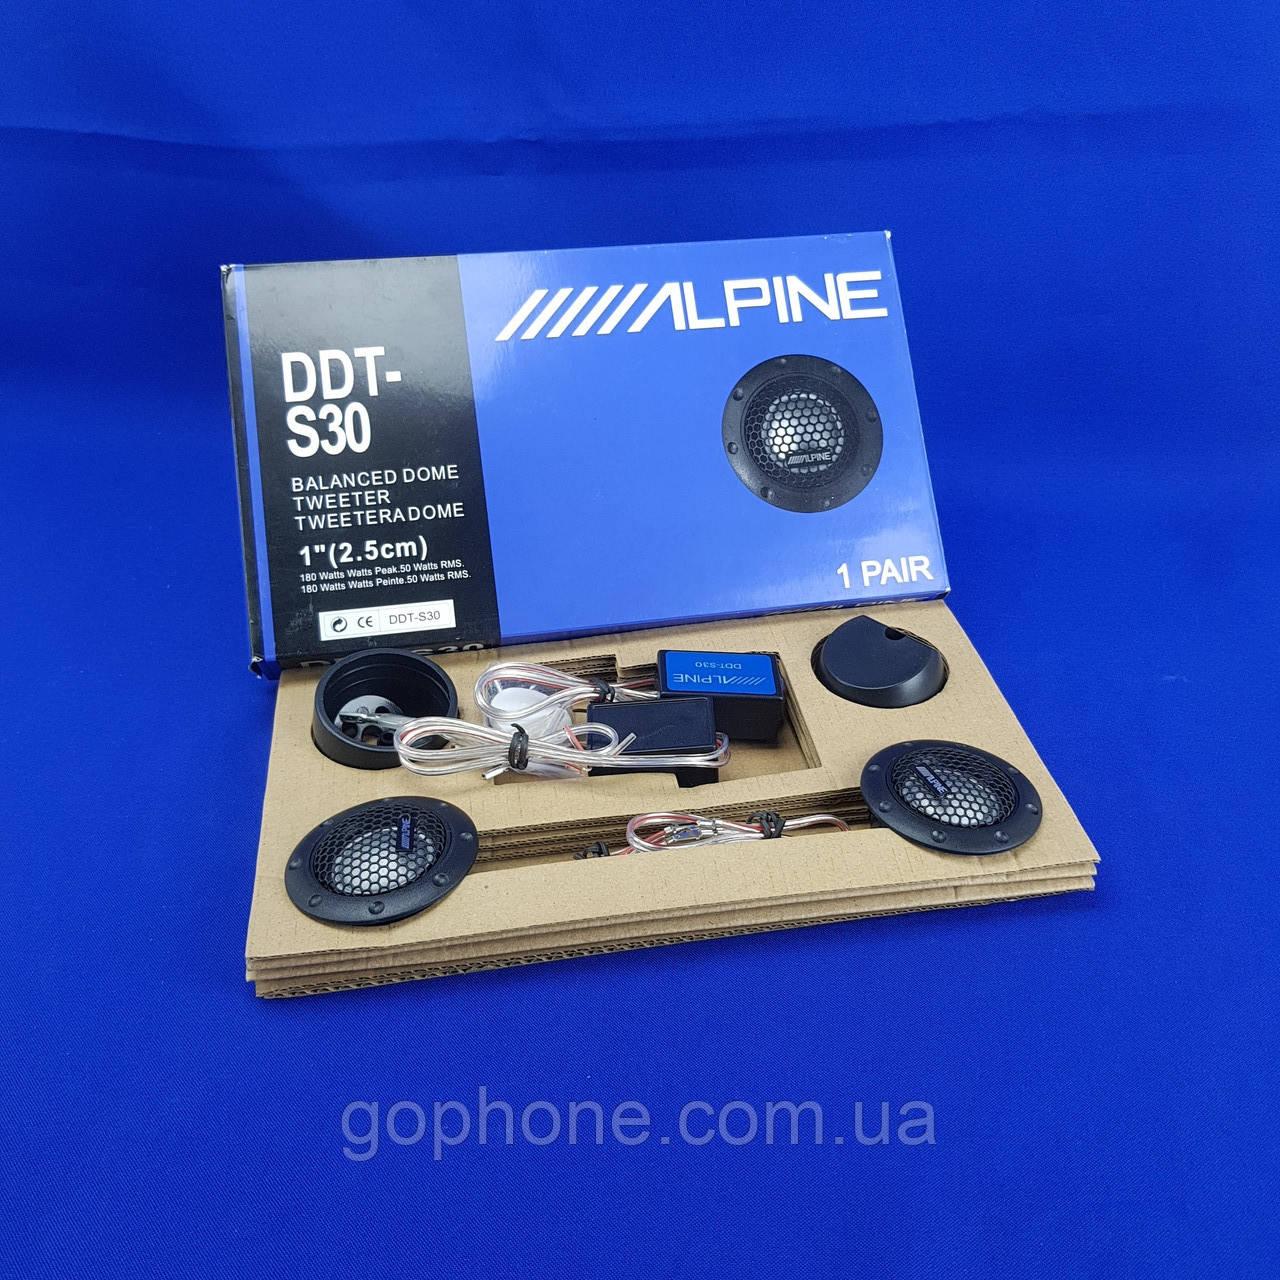 Рупора - пищалки для любого авто ALPINE DDT-S30